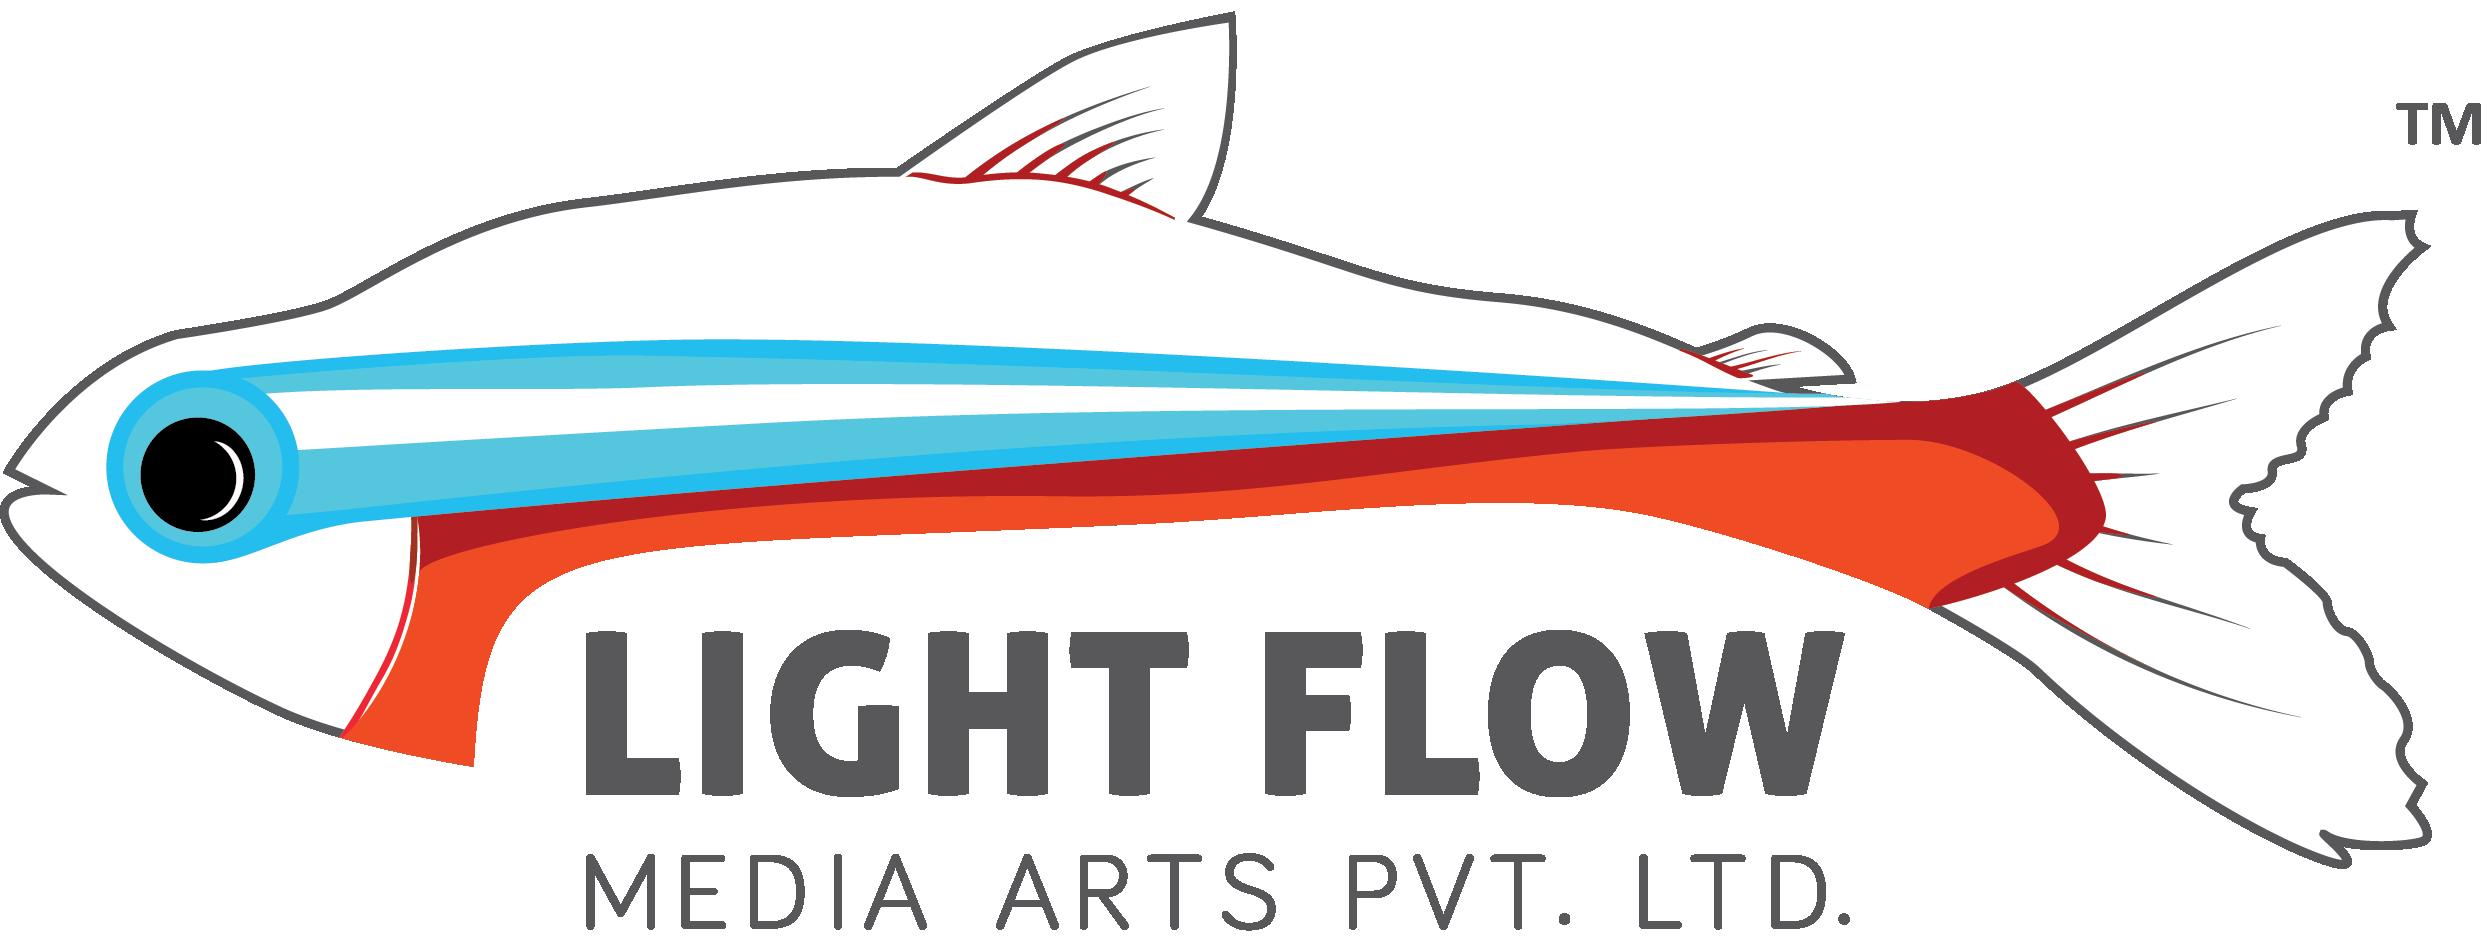 Light Flow Media Arts Pvt. Ltd.